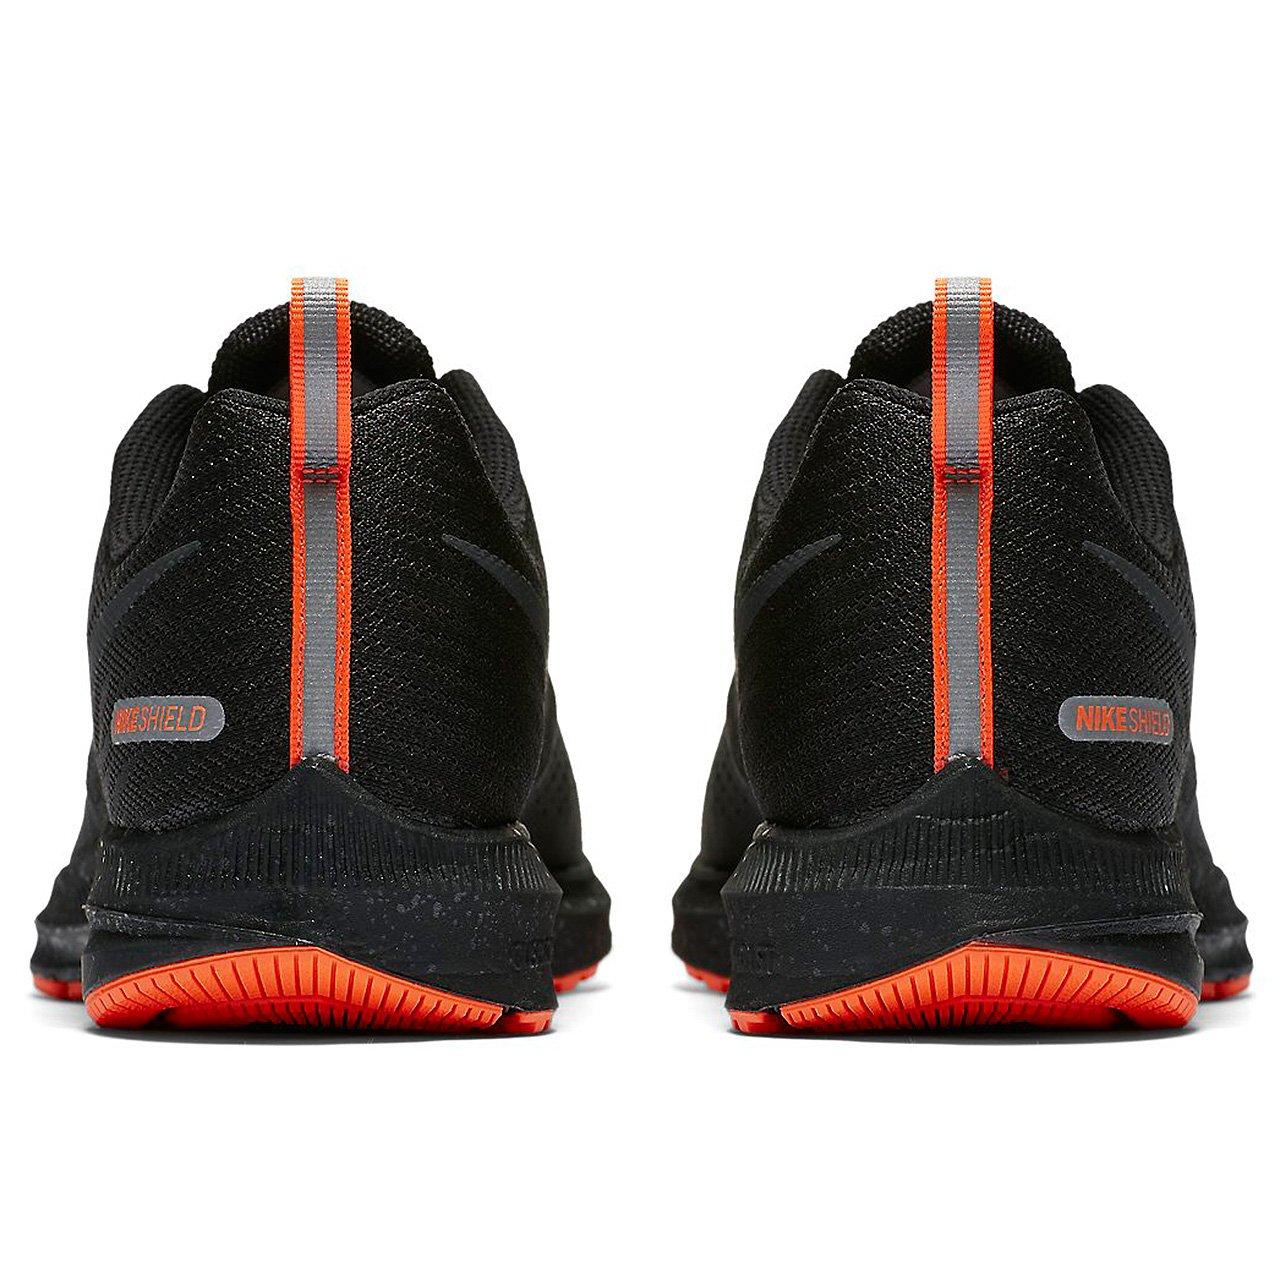 2beb8bb81e6 Nike Men s Zoom Winflo 4 Shield Running Shoes  Amazon.co.uk  Shoes   Bags